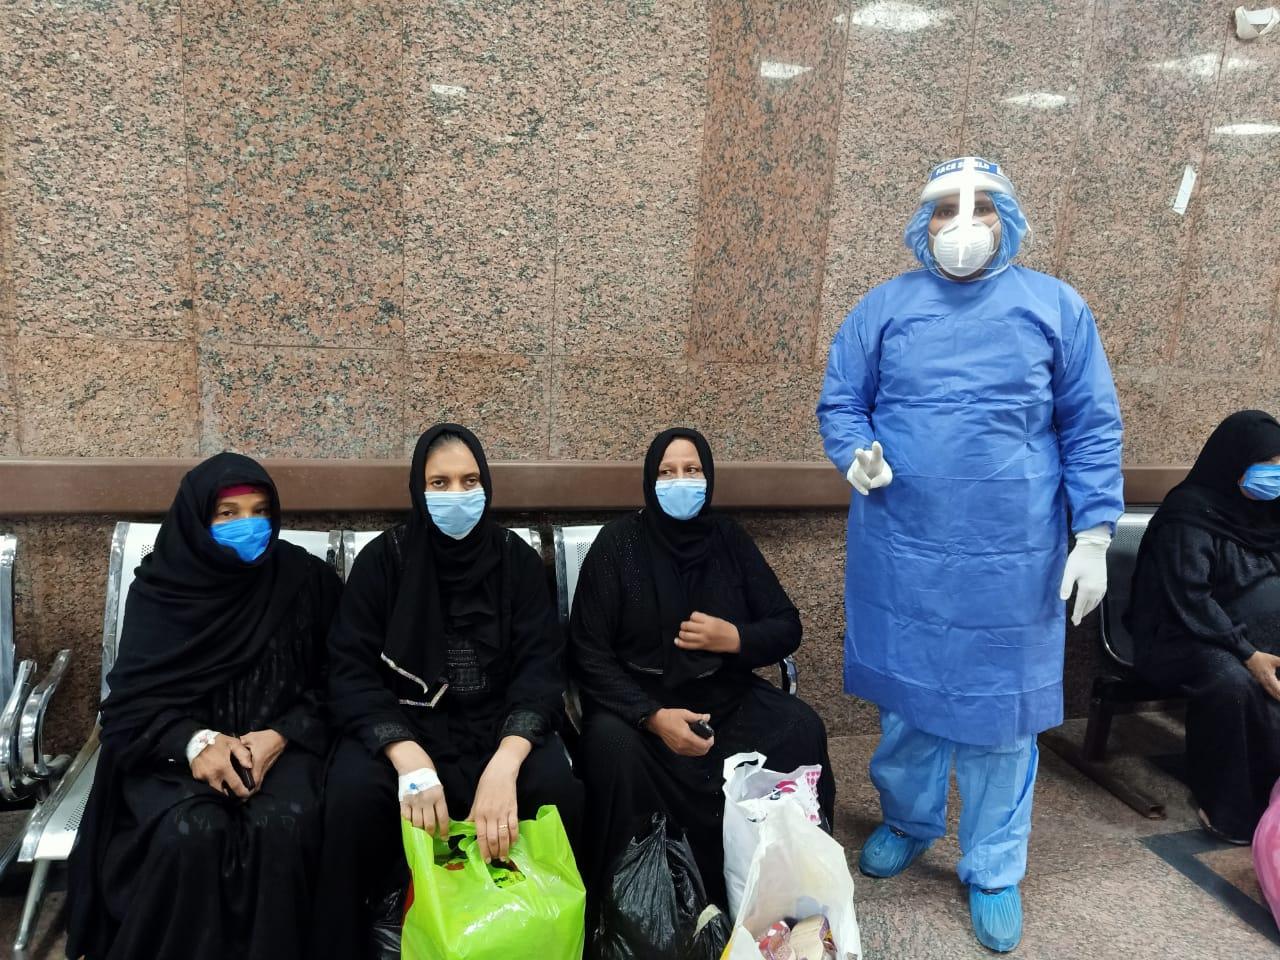 مستشفى الأقصر العام للعزل تعلن خروج 5 حالات جديدة بعد شفاؤهم  (1)